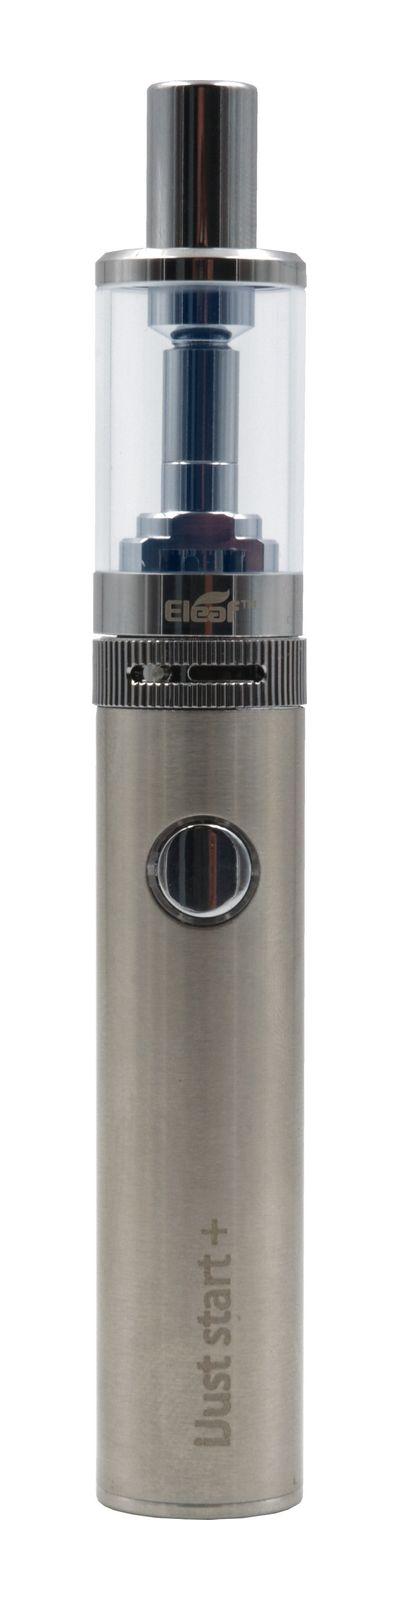 Batterie ELEAF IJUST START PLUS équipée d'un clearomiseur ELEAF GS AIR-M